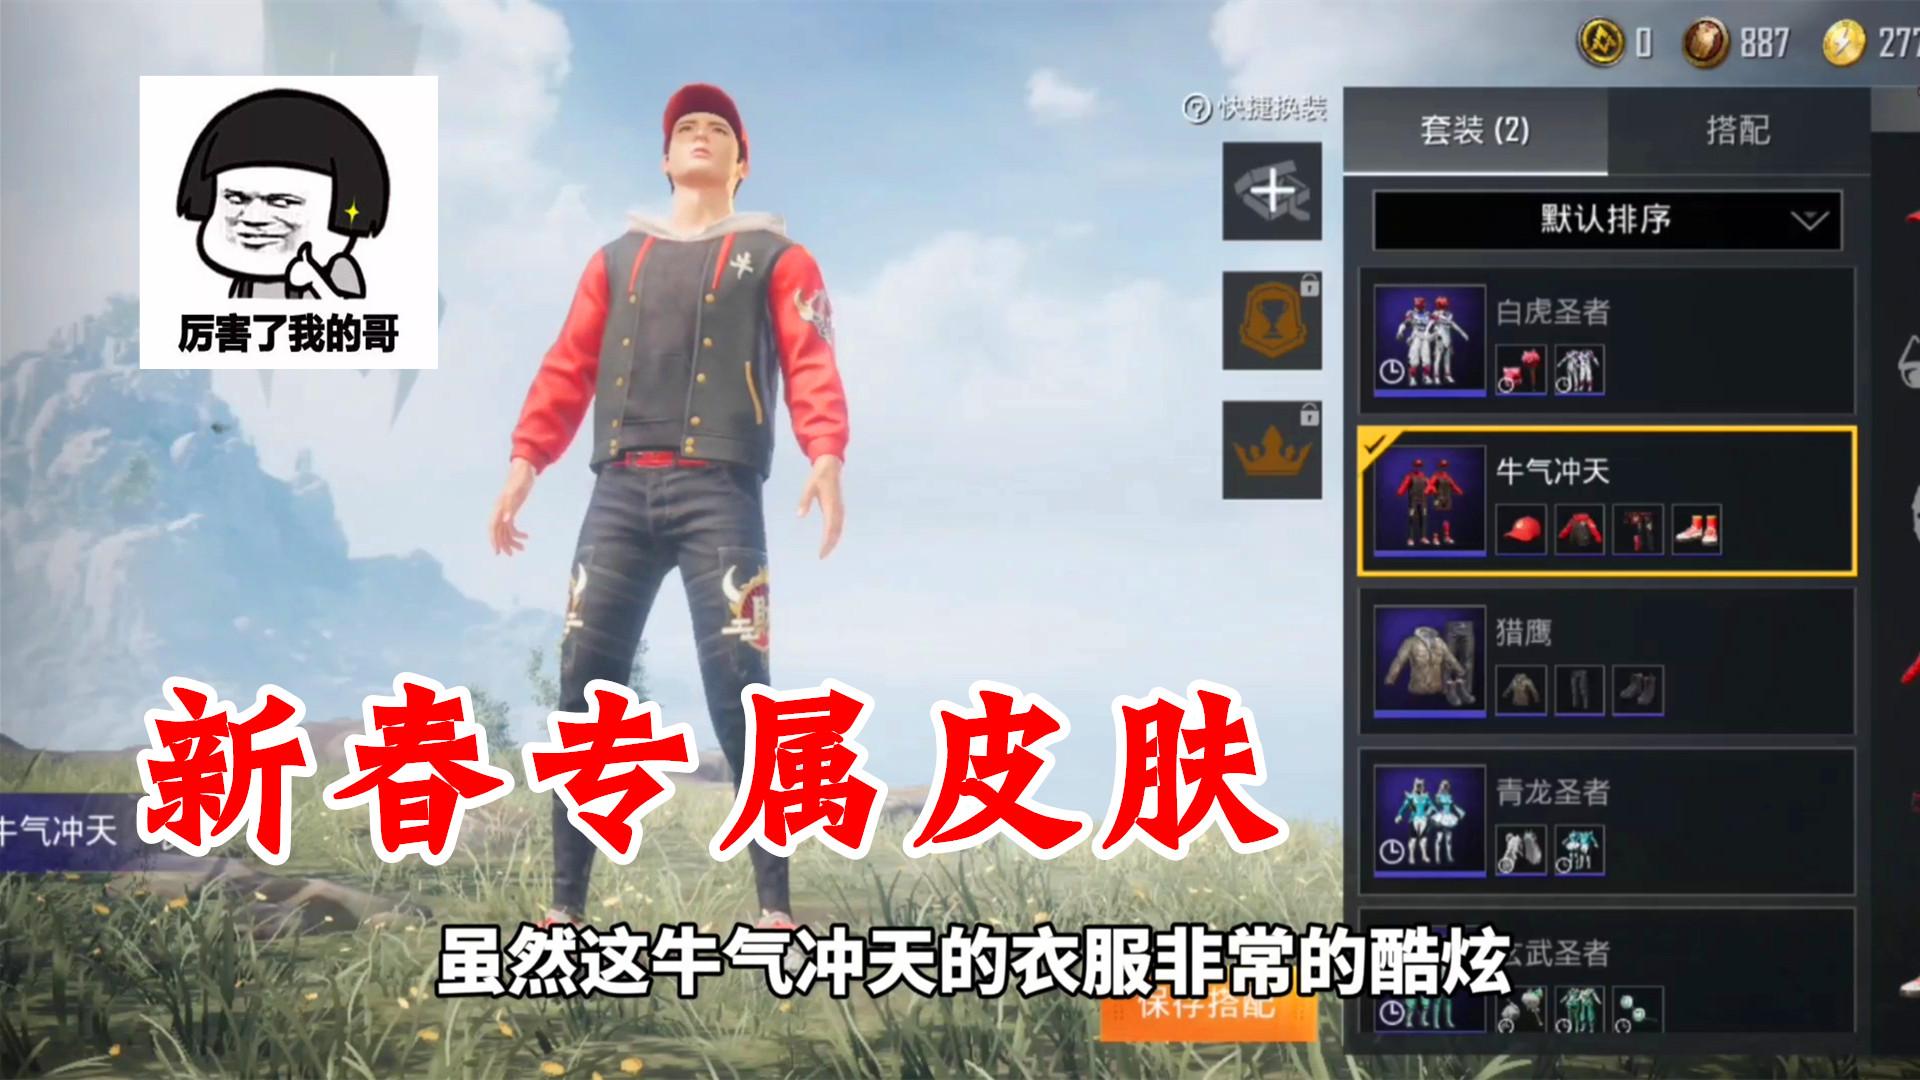 和平精英:春节专属活动,玩家免费获得新皮肤,大家一起过牛年!